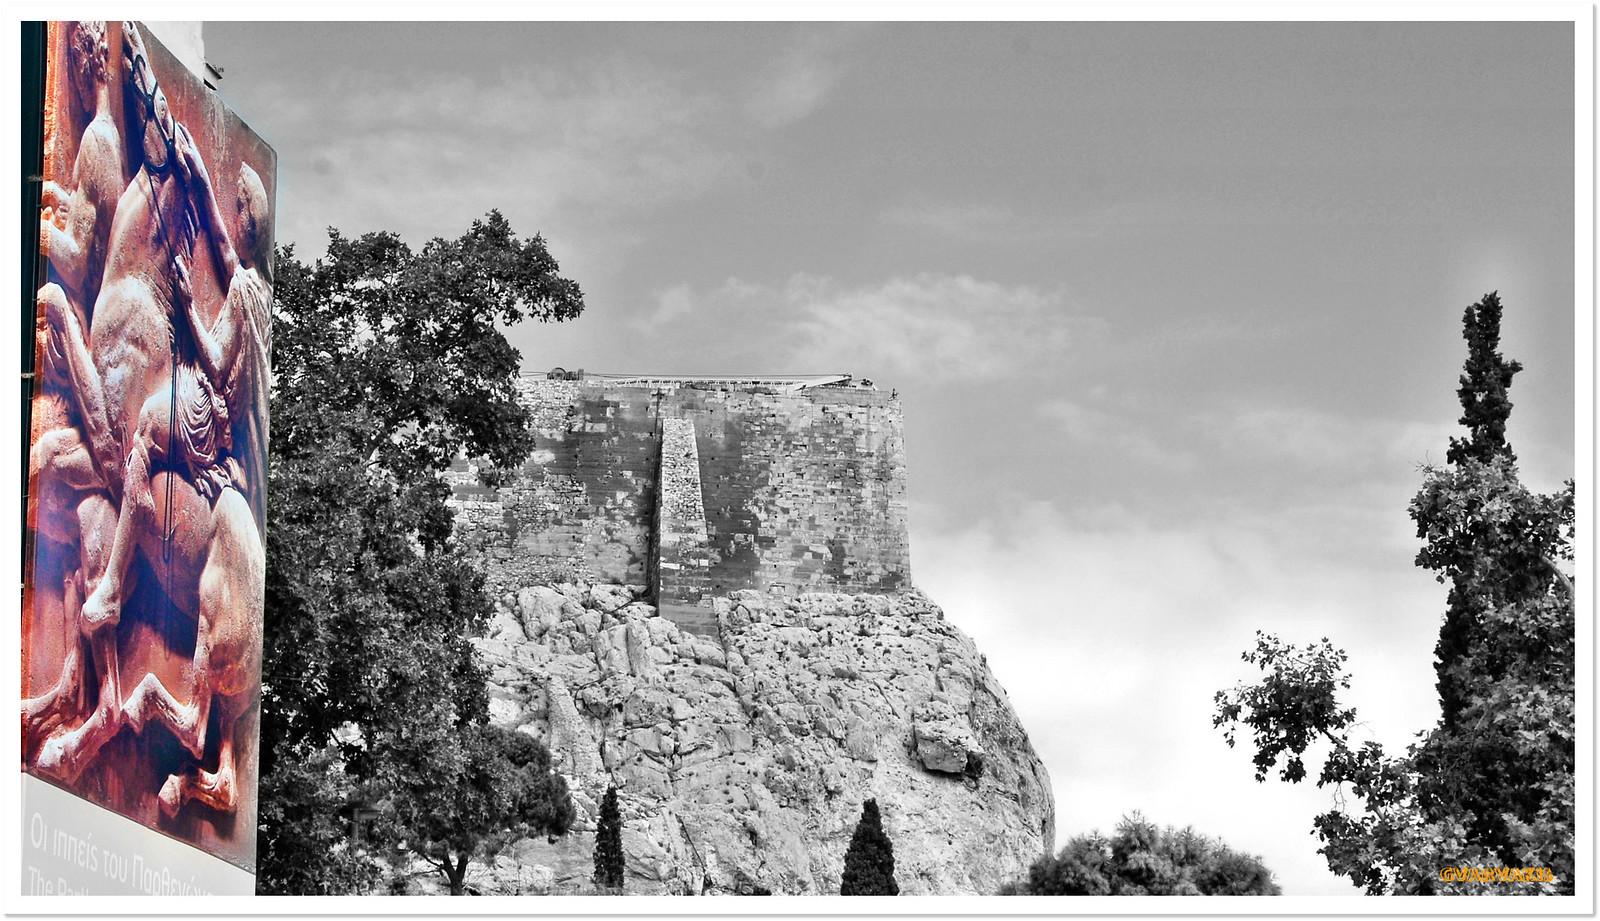 acropolis8gv